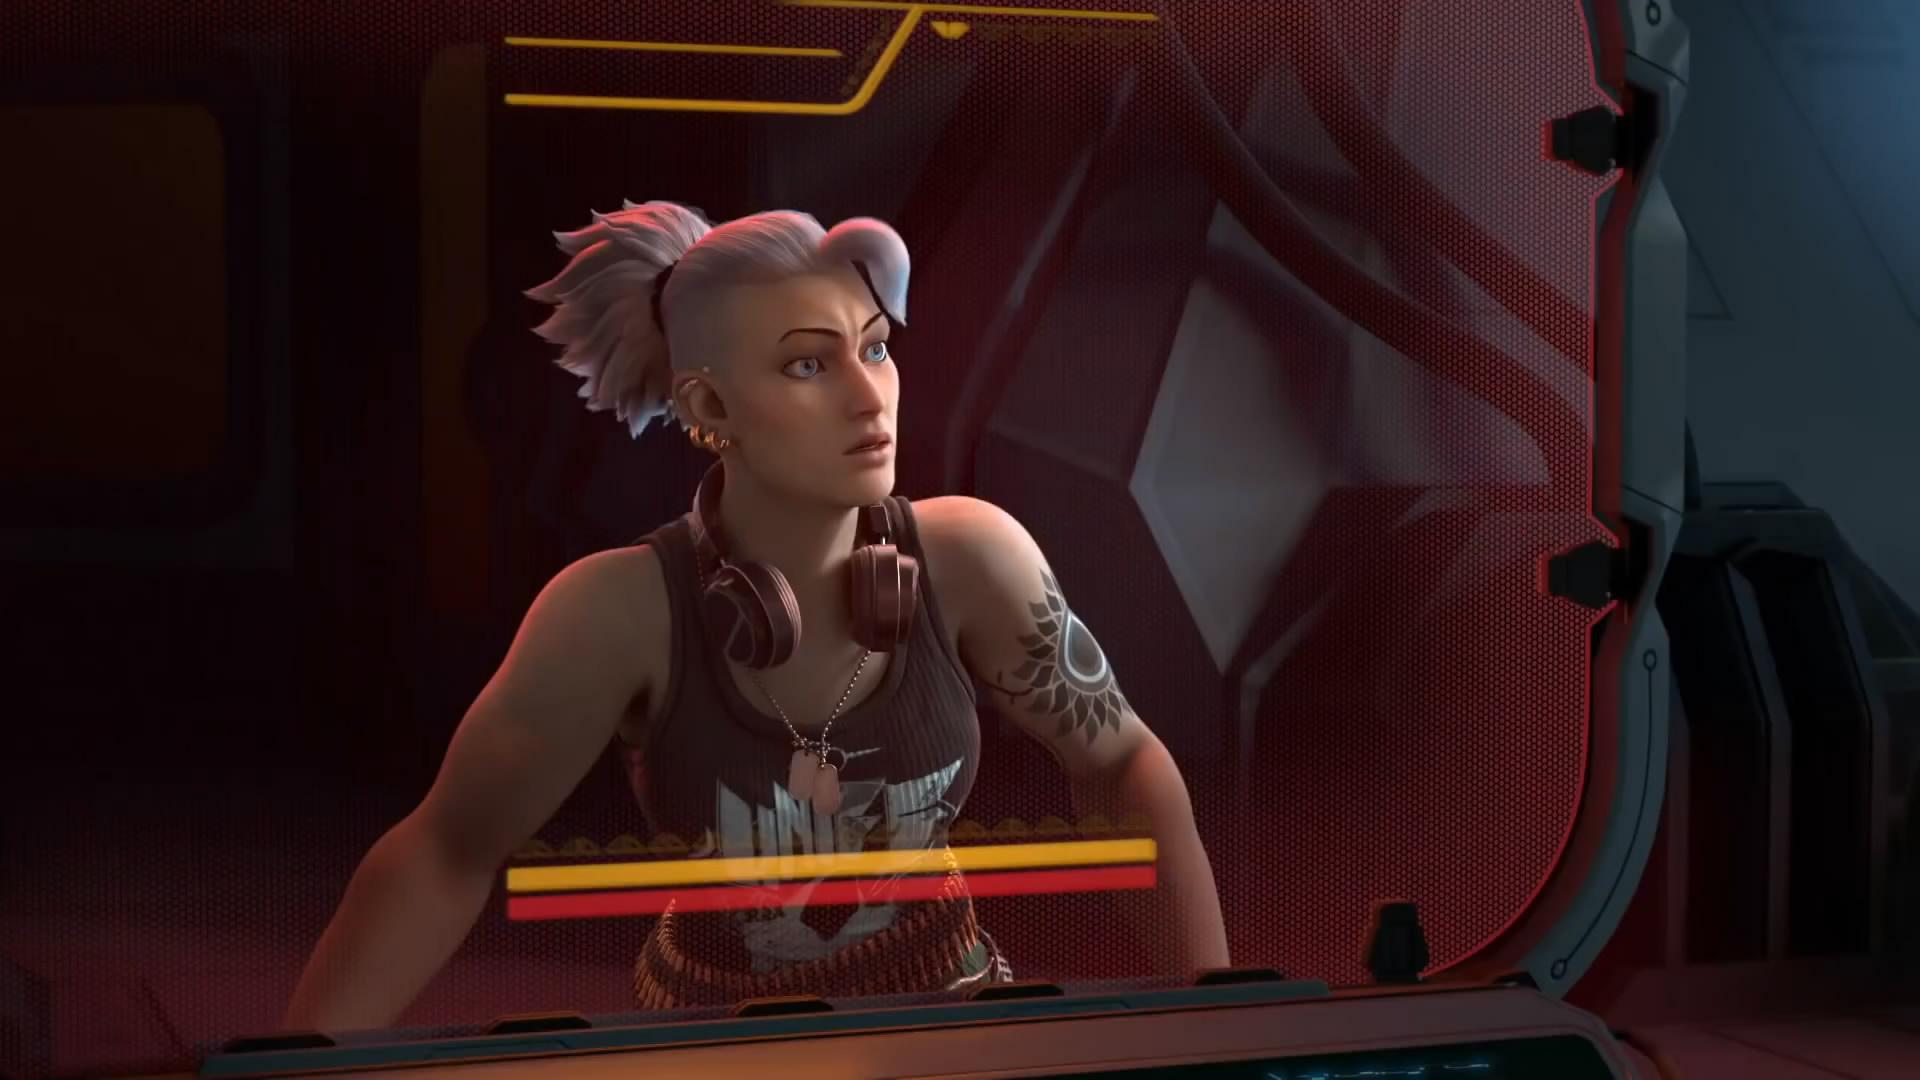 育碧太空新作《行星链接》新预告 和小伙伴一起拯救银河系